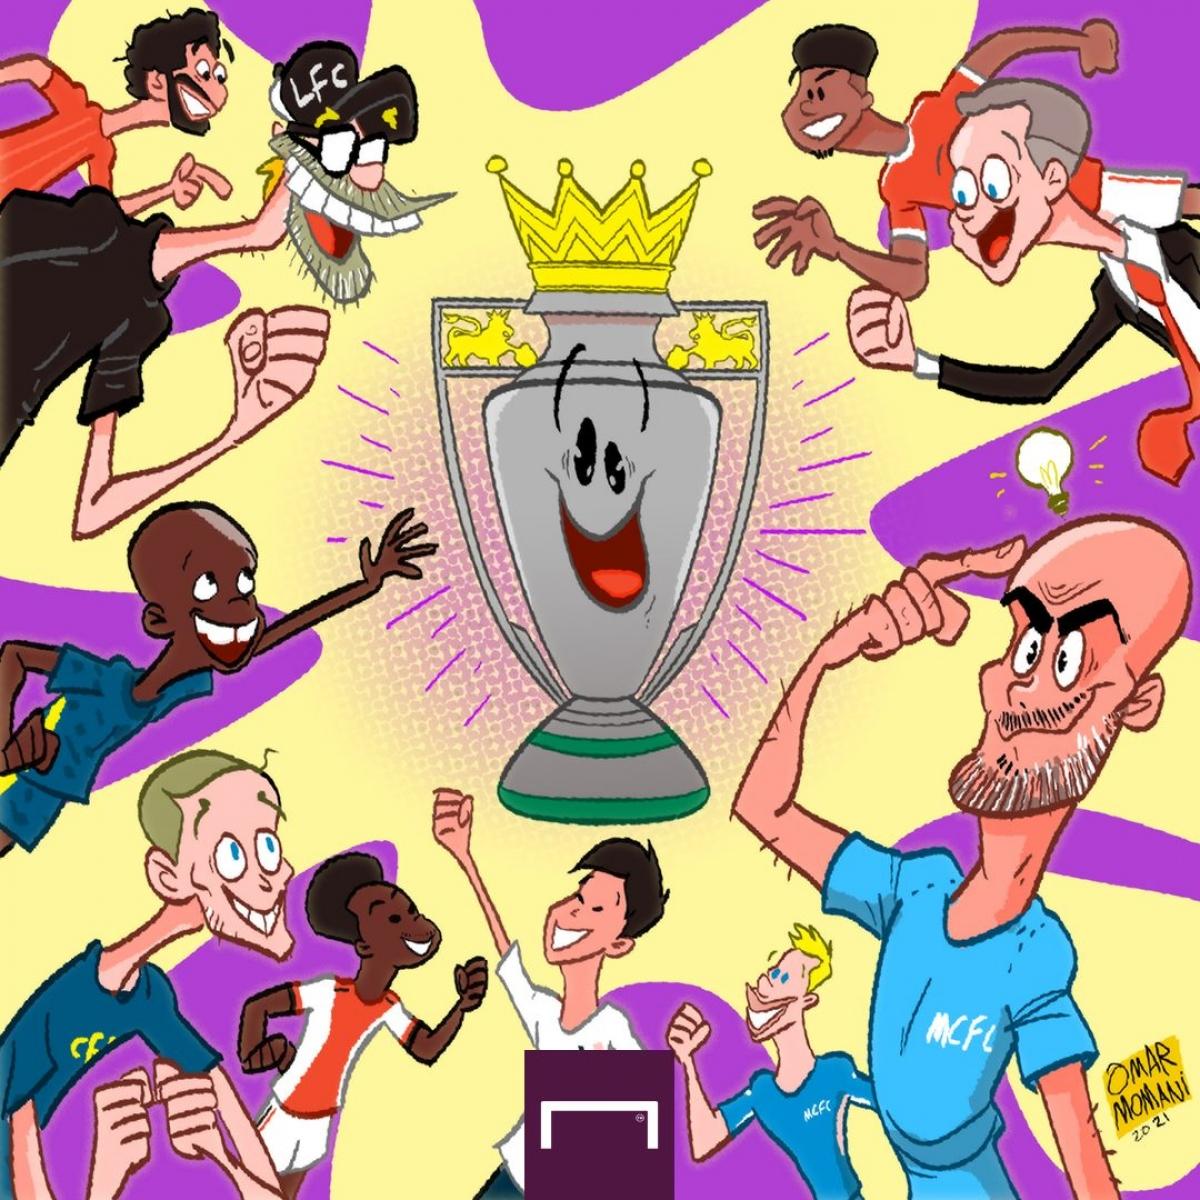 Cuộc đua vô địch Premier League mùa tới hứa hẹn rất căng thẳng. (Ảnh: Omar Momani)